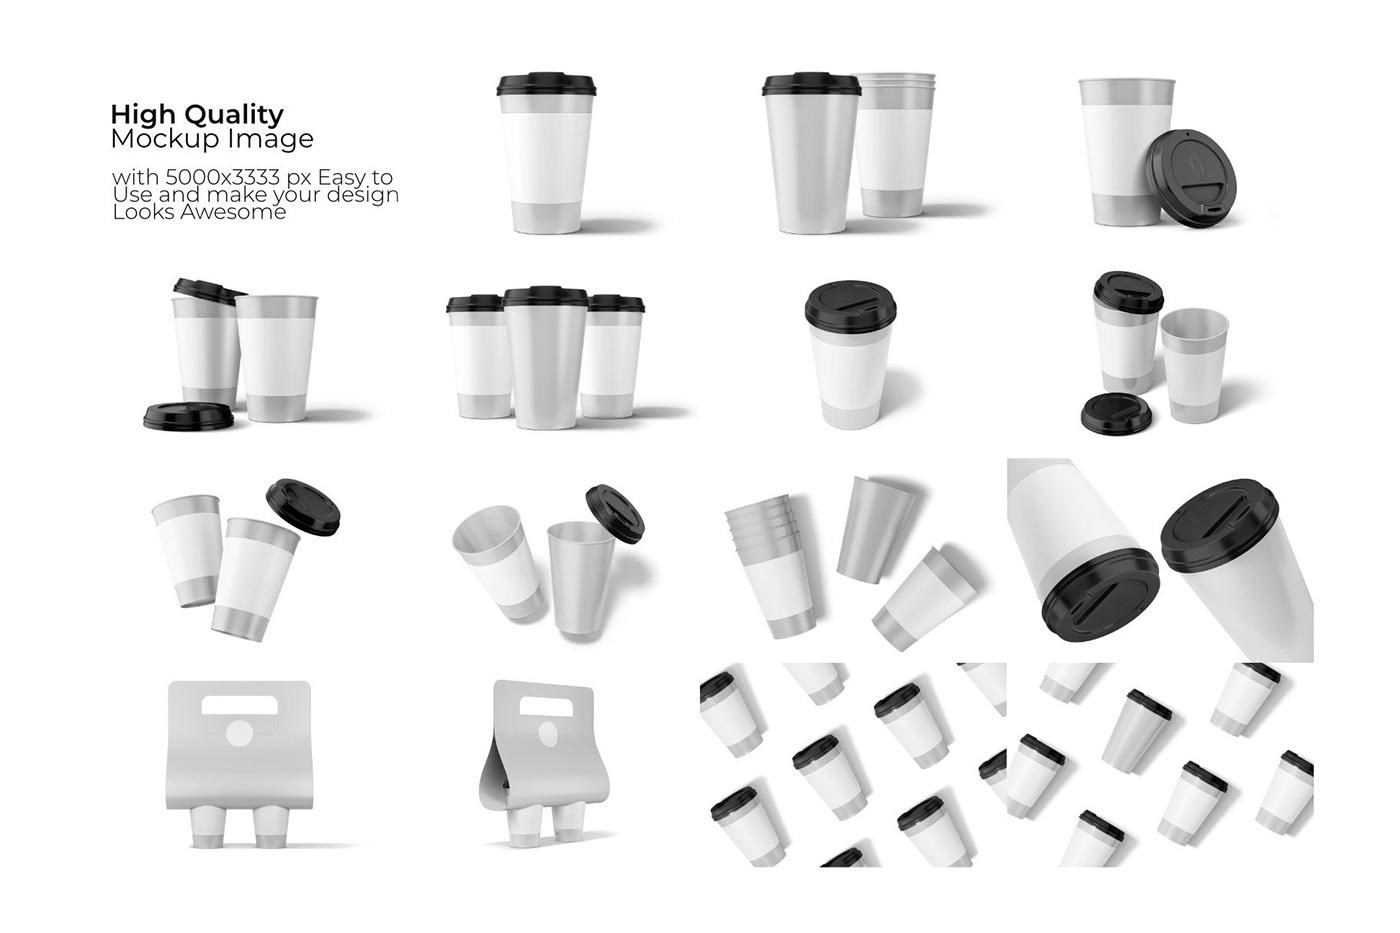 15款一次性外卖咖啡纸杯设计展示贴图样机模板 Take Away Paper Cup Mockup插图11